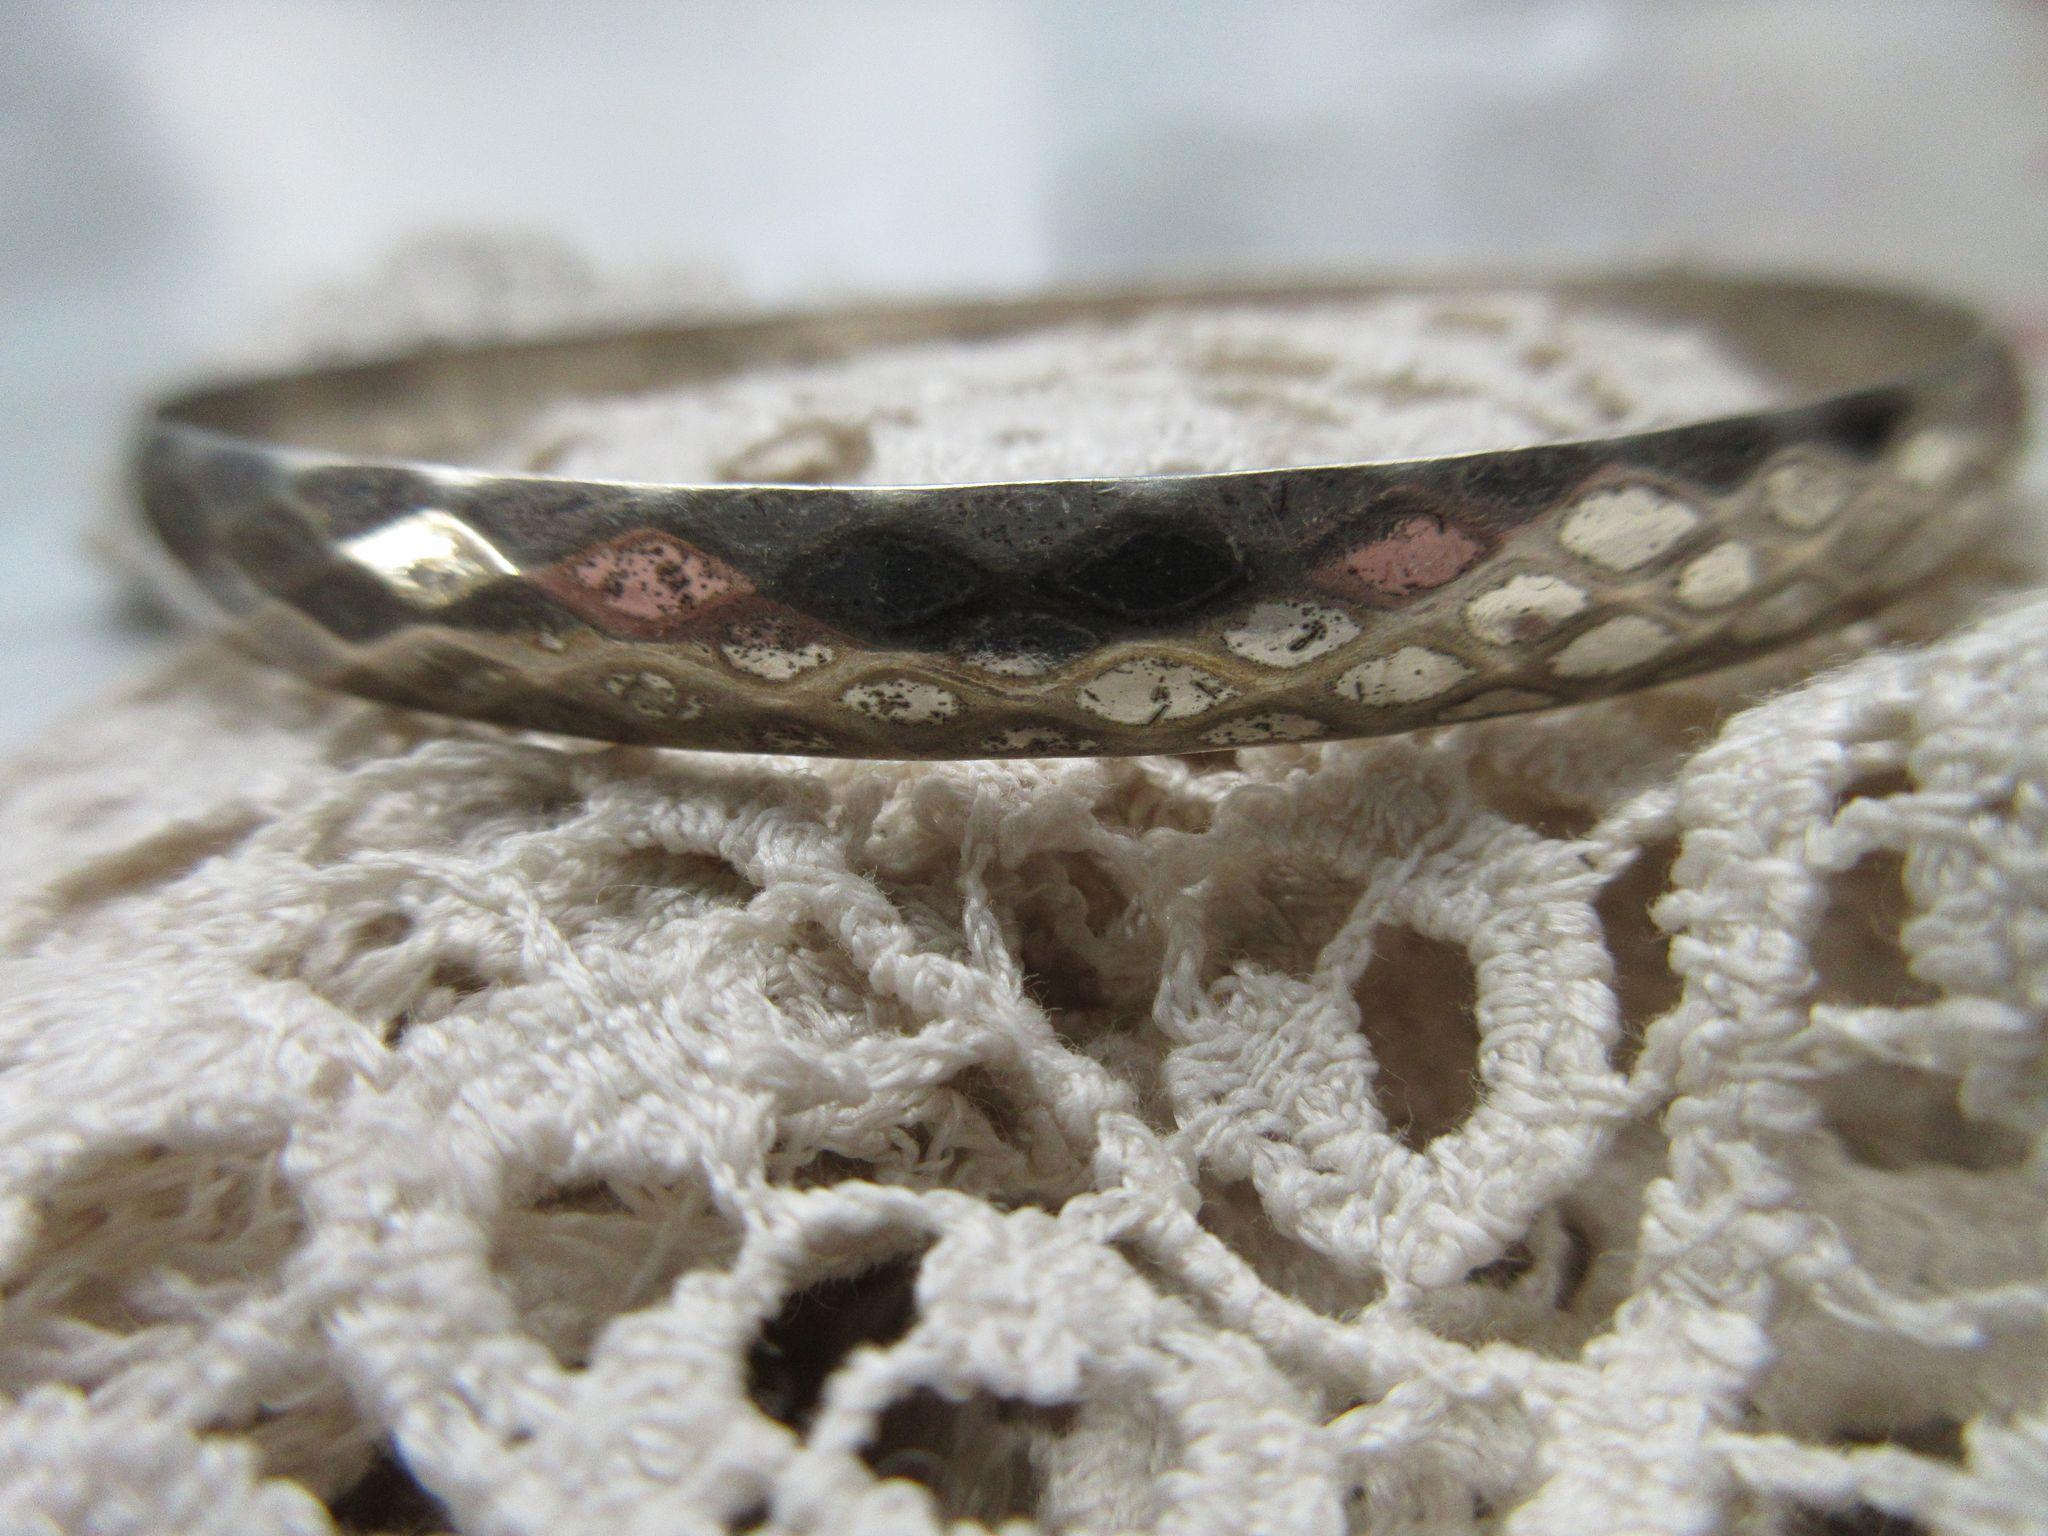 Danecraft Vintage Hammered Sterling Bangle Bracelet Modernist Diamond Pattern